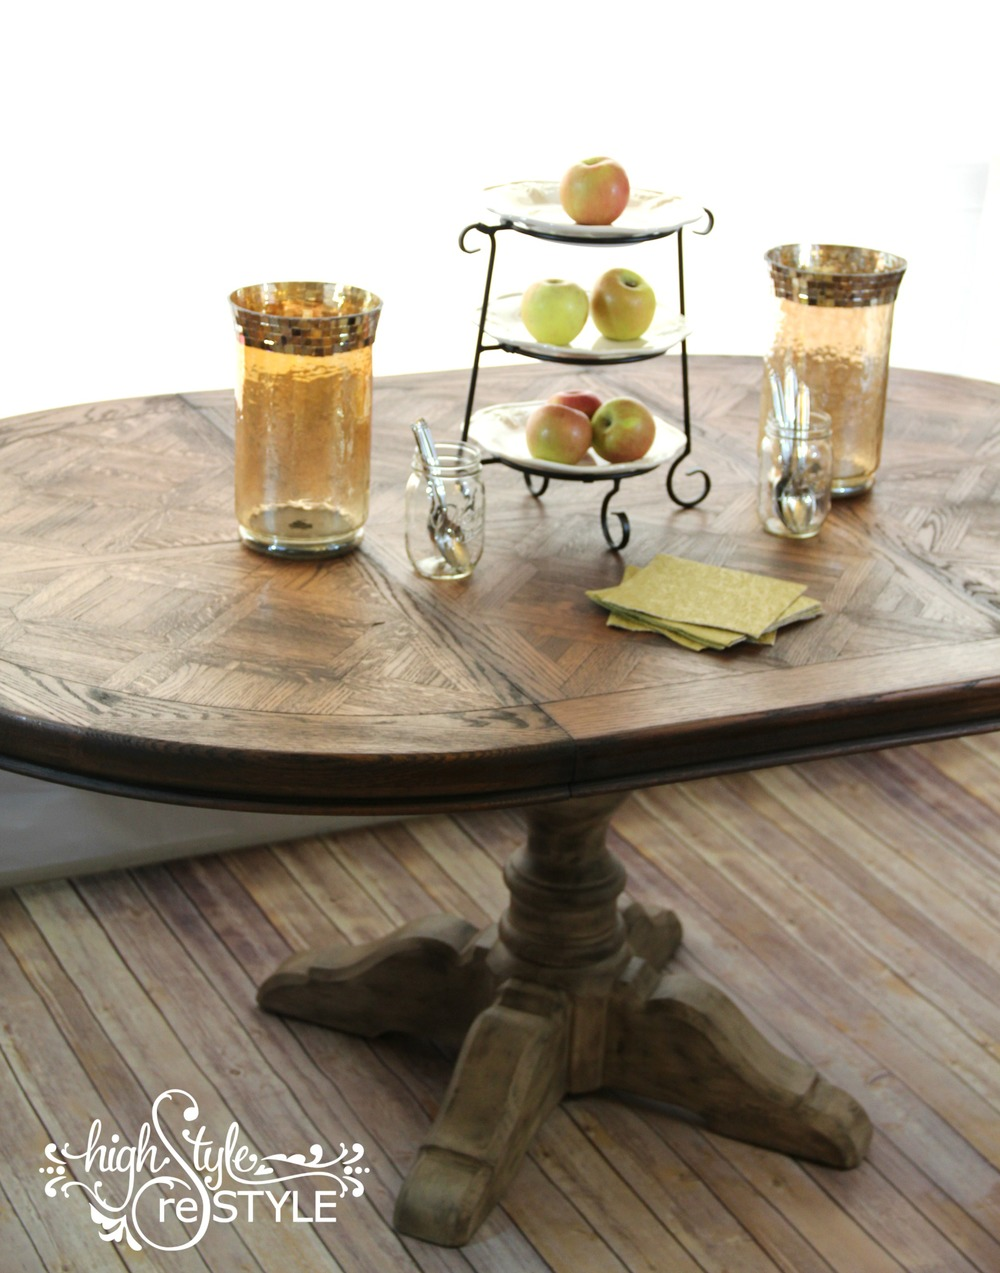 Restoration Hardware Inspired Pedestal Table Makeover U2014 Highstyle ReStyle